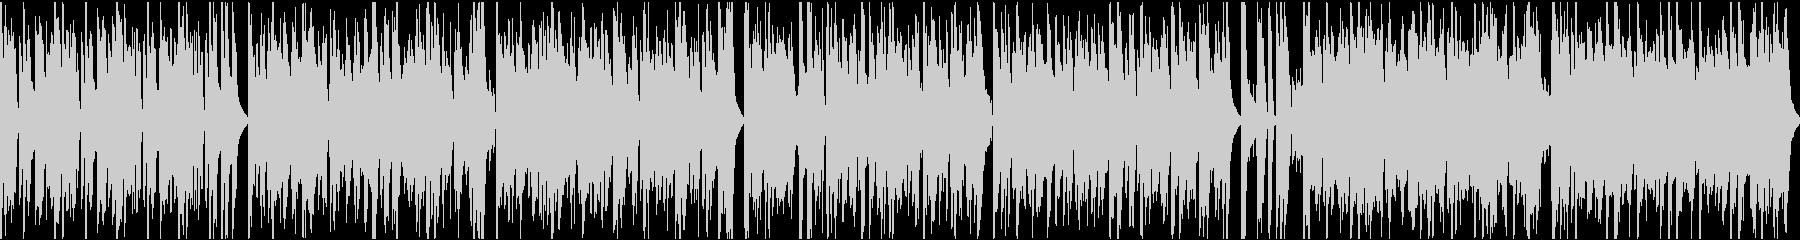 おしゃれイケイケ/ループ/イントロ9秒の未再生の波形